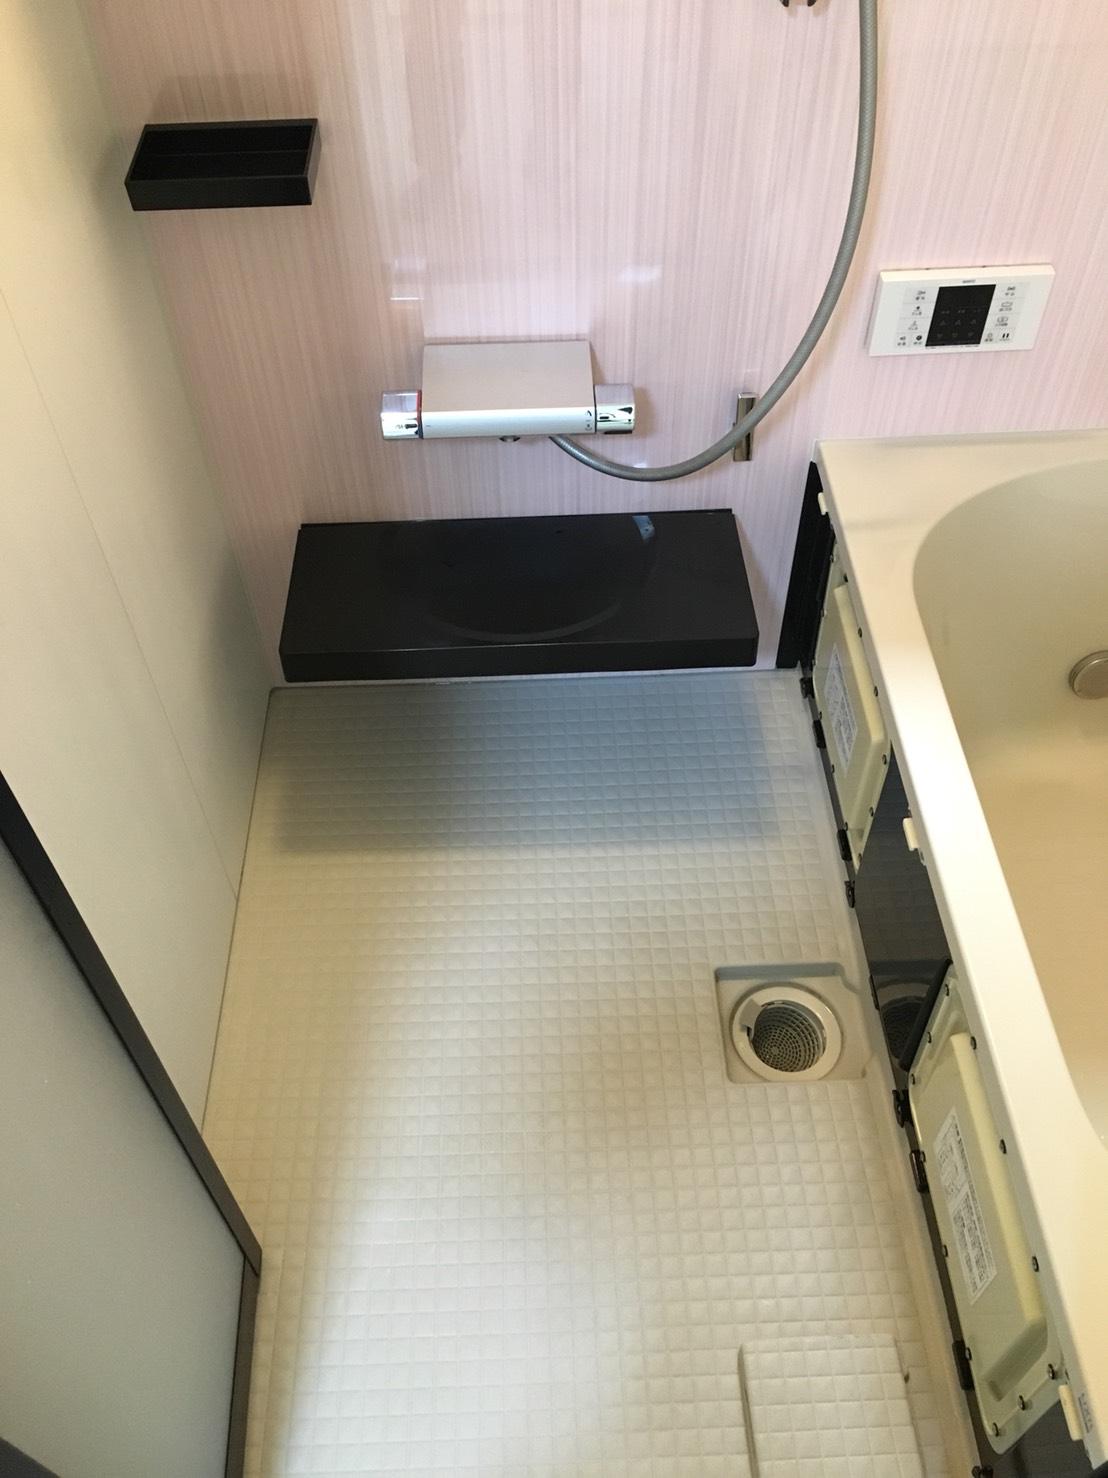 電話受付365日受付!汚れをきれいスッキリ!浴槽の頑固な「お風呂清掃」母の日❀おそうじプラスにお任せ下さい!LINE申請見積もり可!